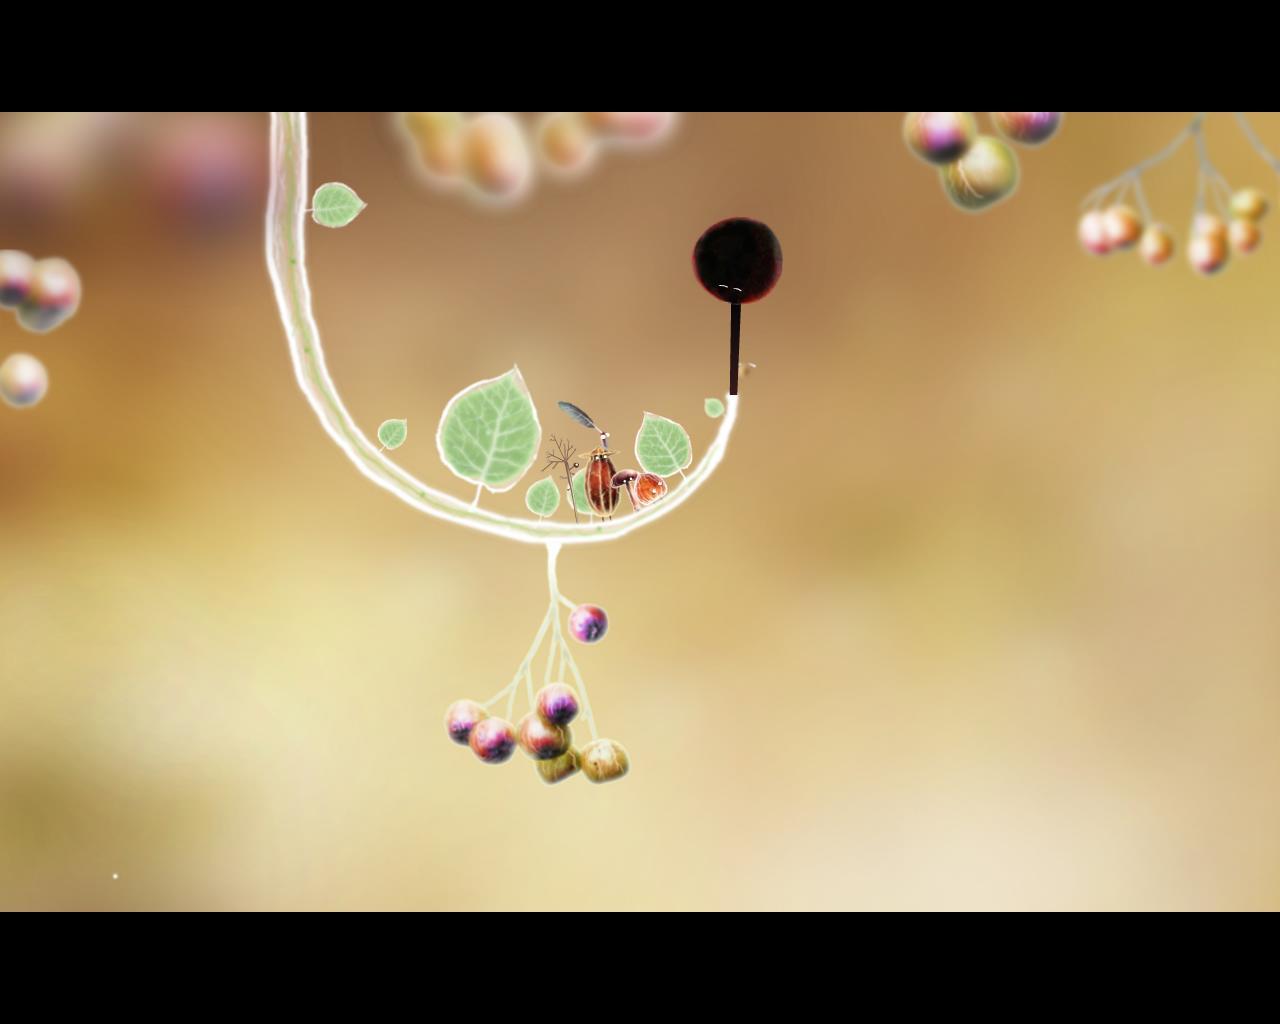 Botanicula, hra která zahřeje u srdce 6562